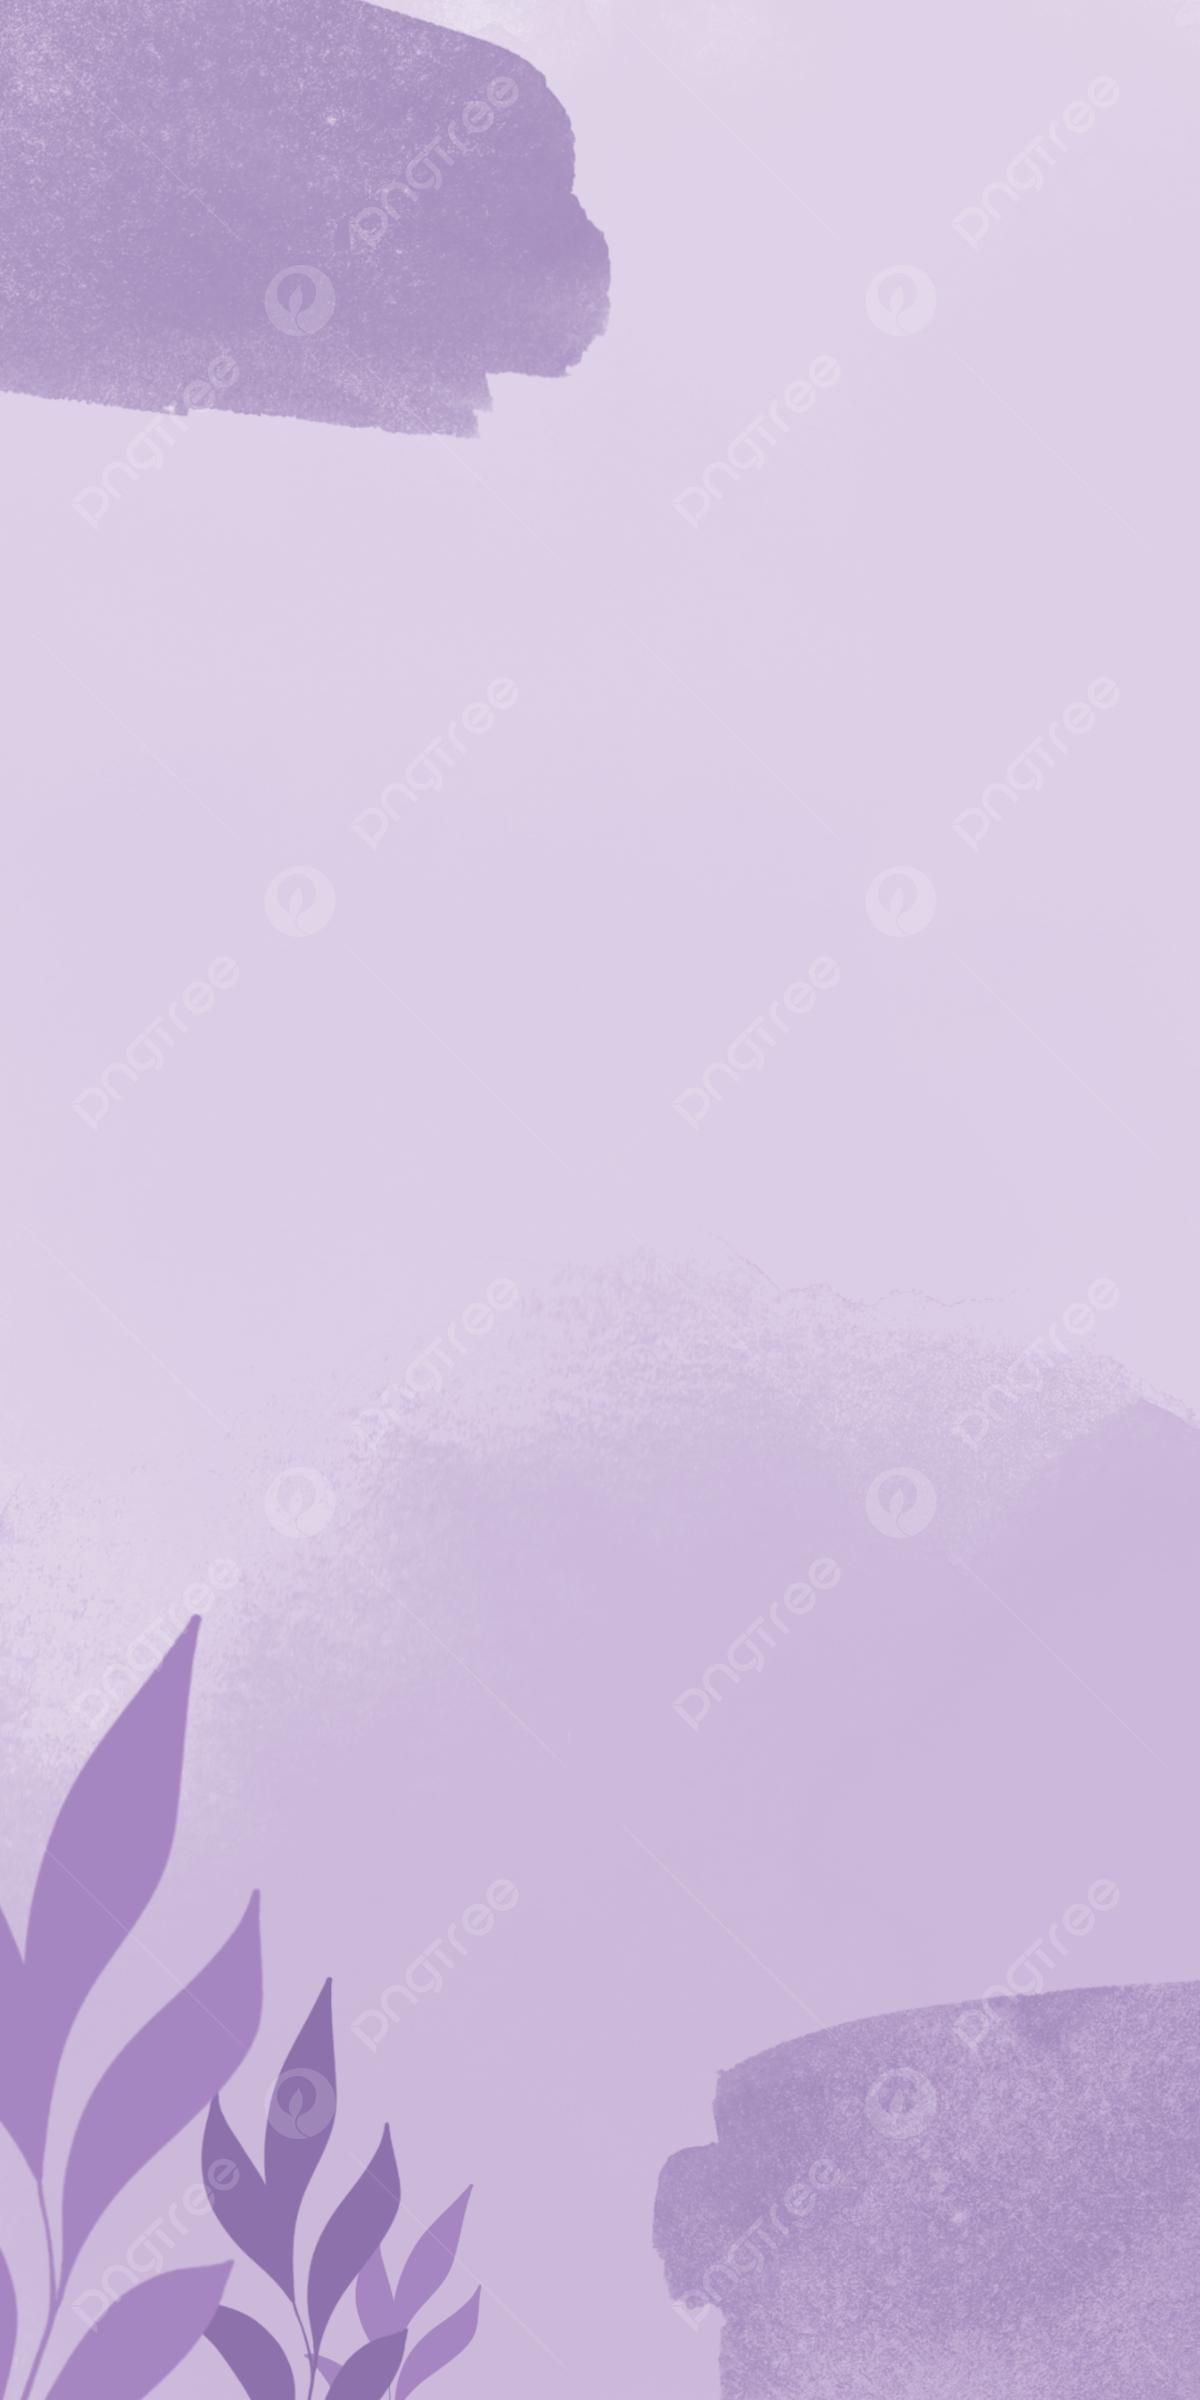 Wallpaper Aesthetic Purple Watercolor, Aesthetic Watercolor ...